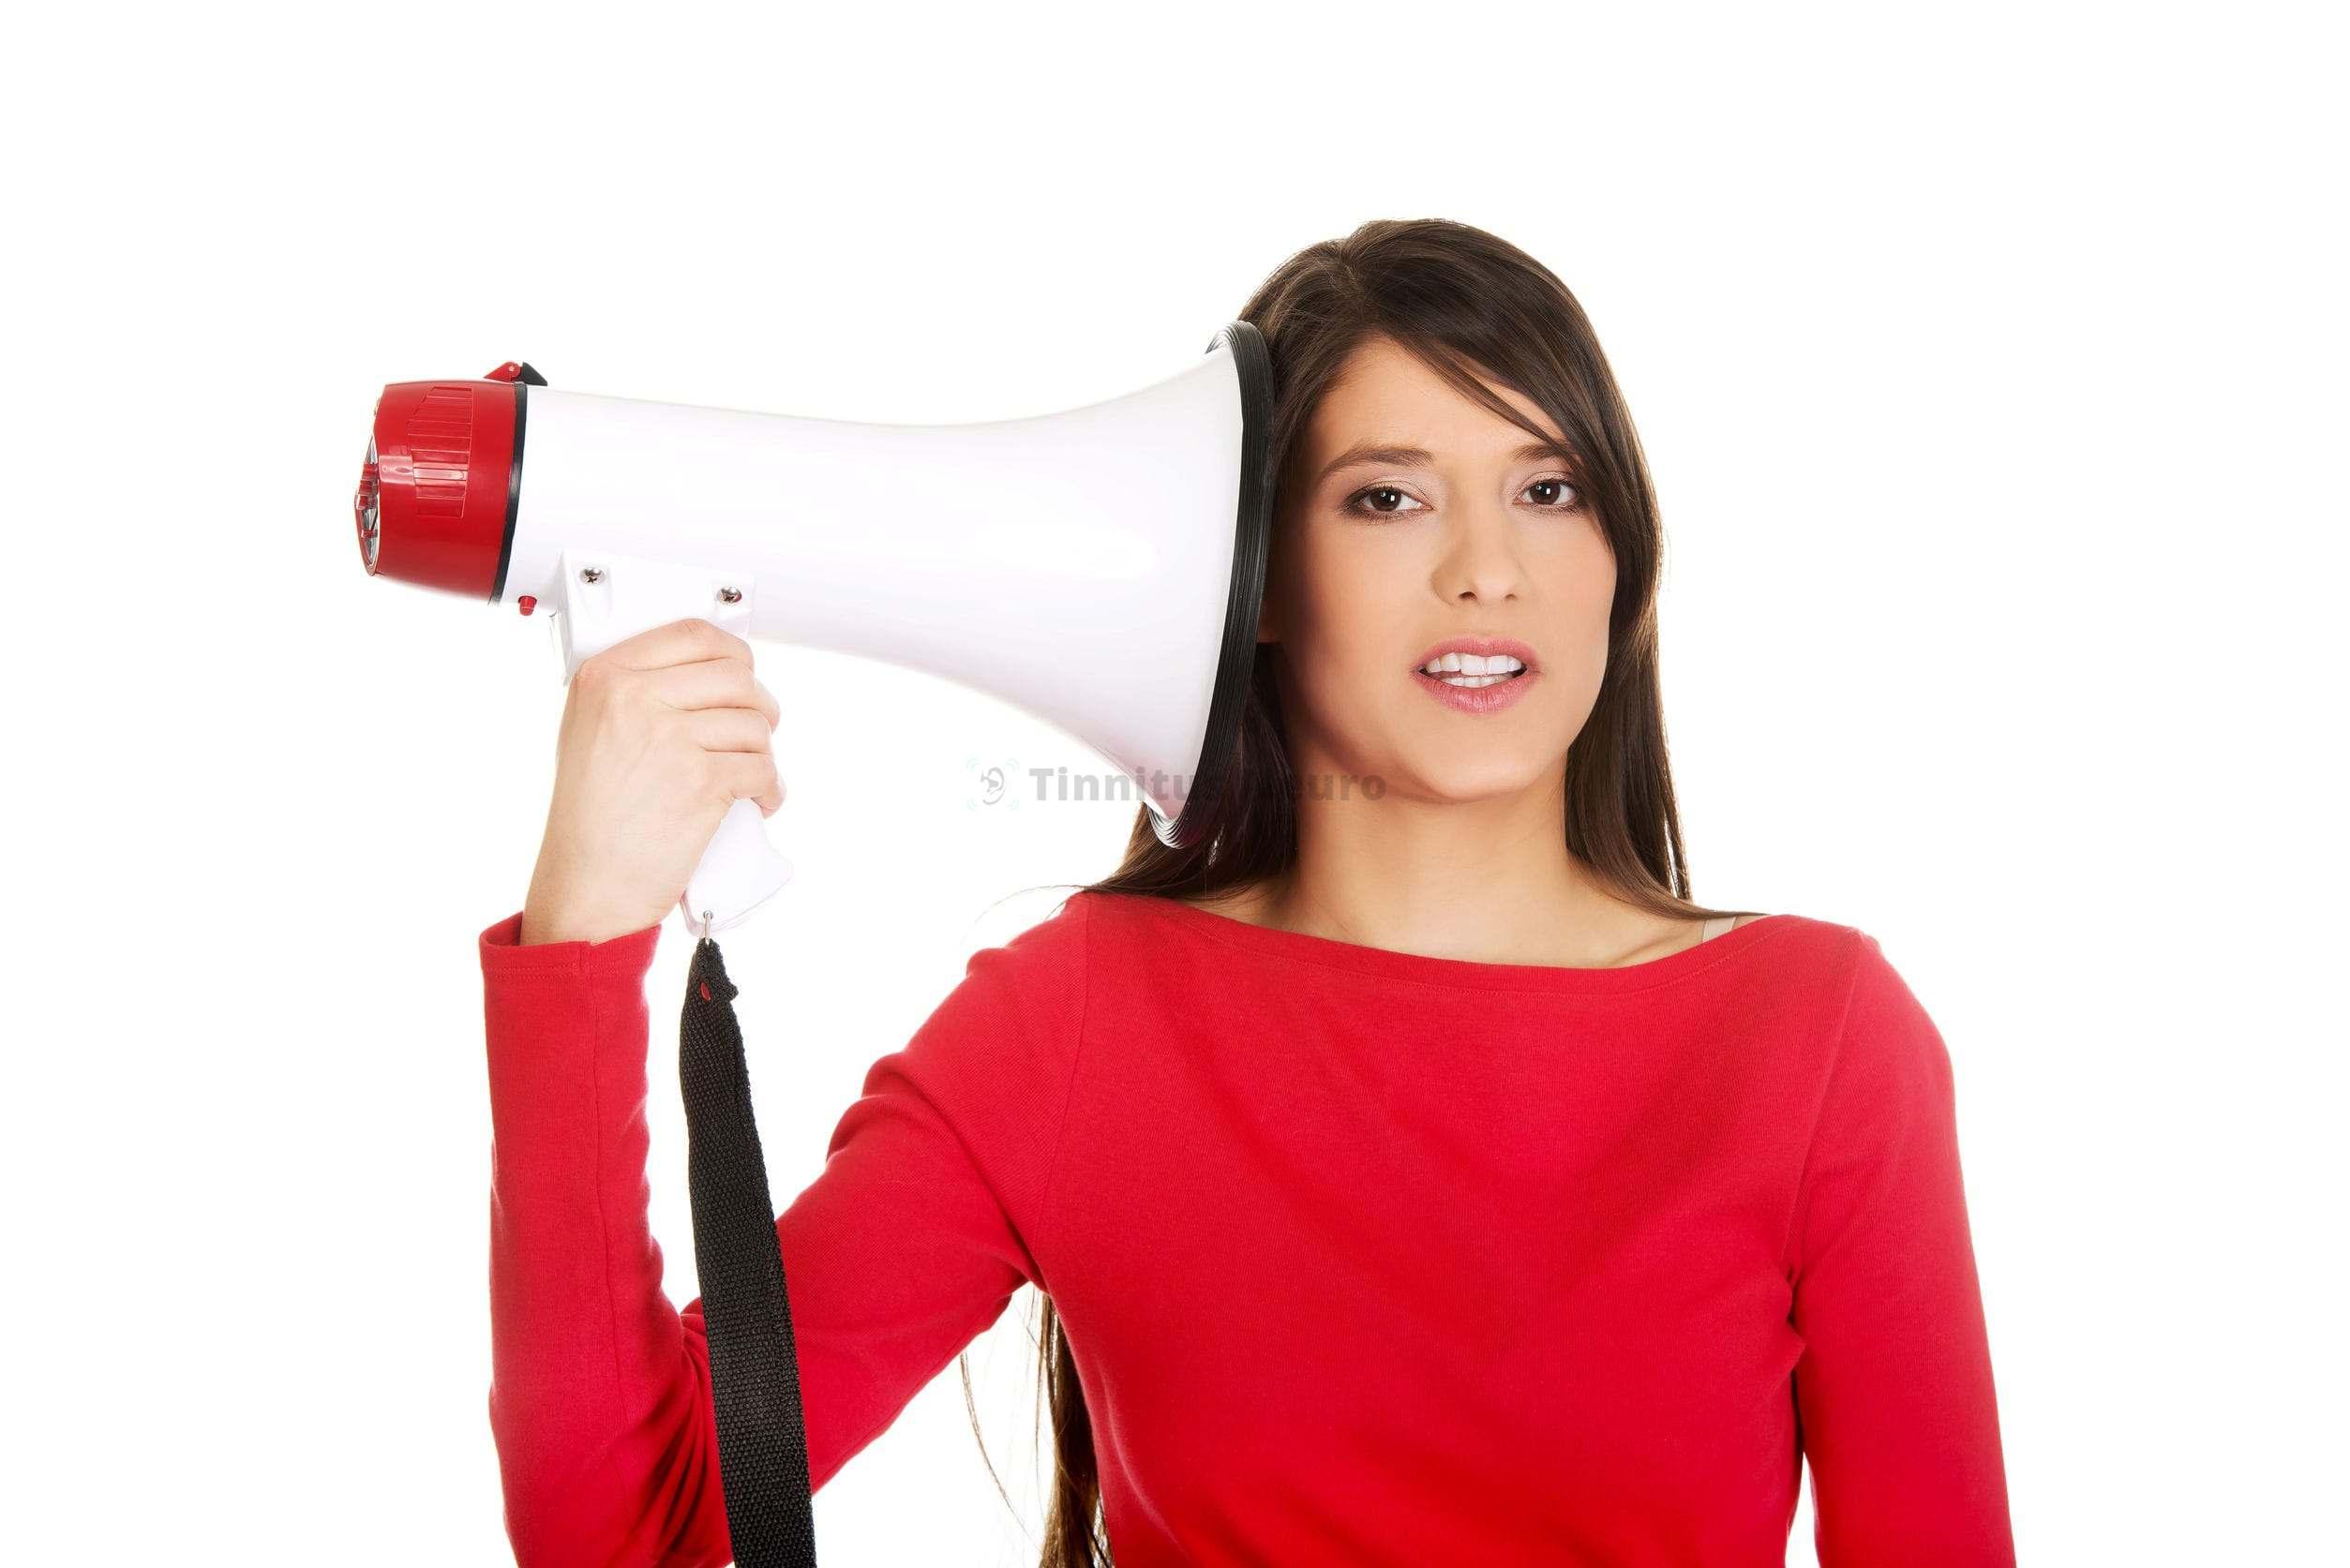 Шум в одном ухе может возникнуть по причине нарушения мозгового кровообращения